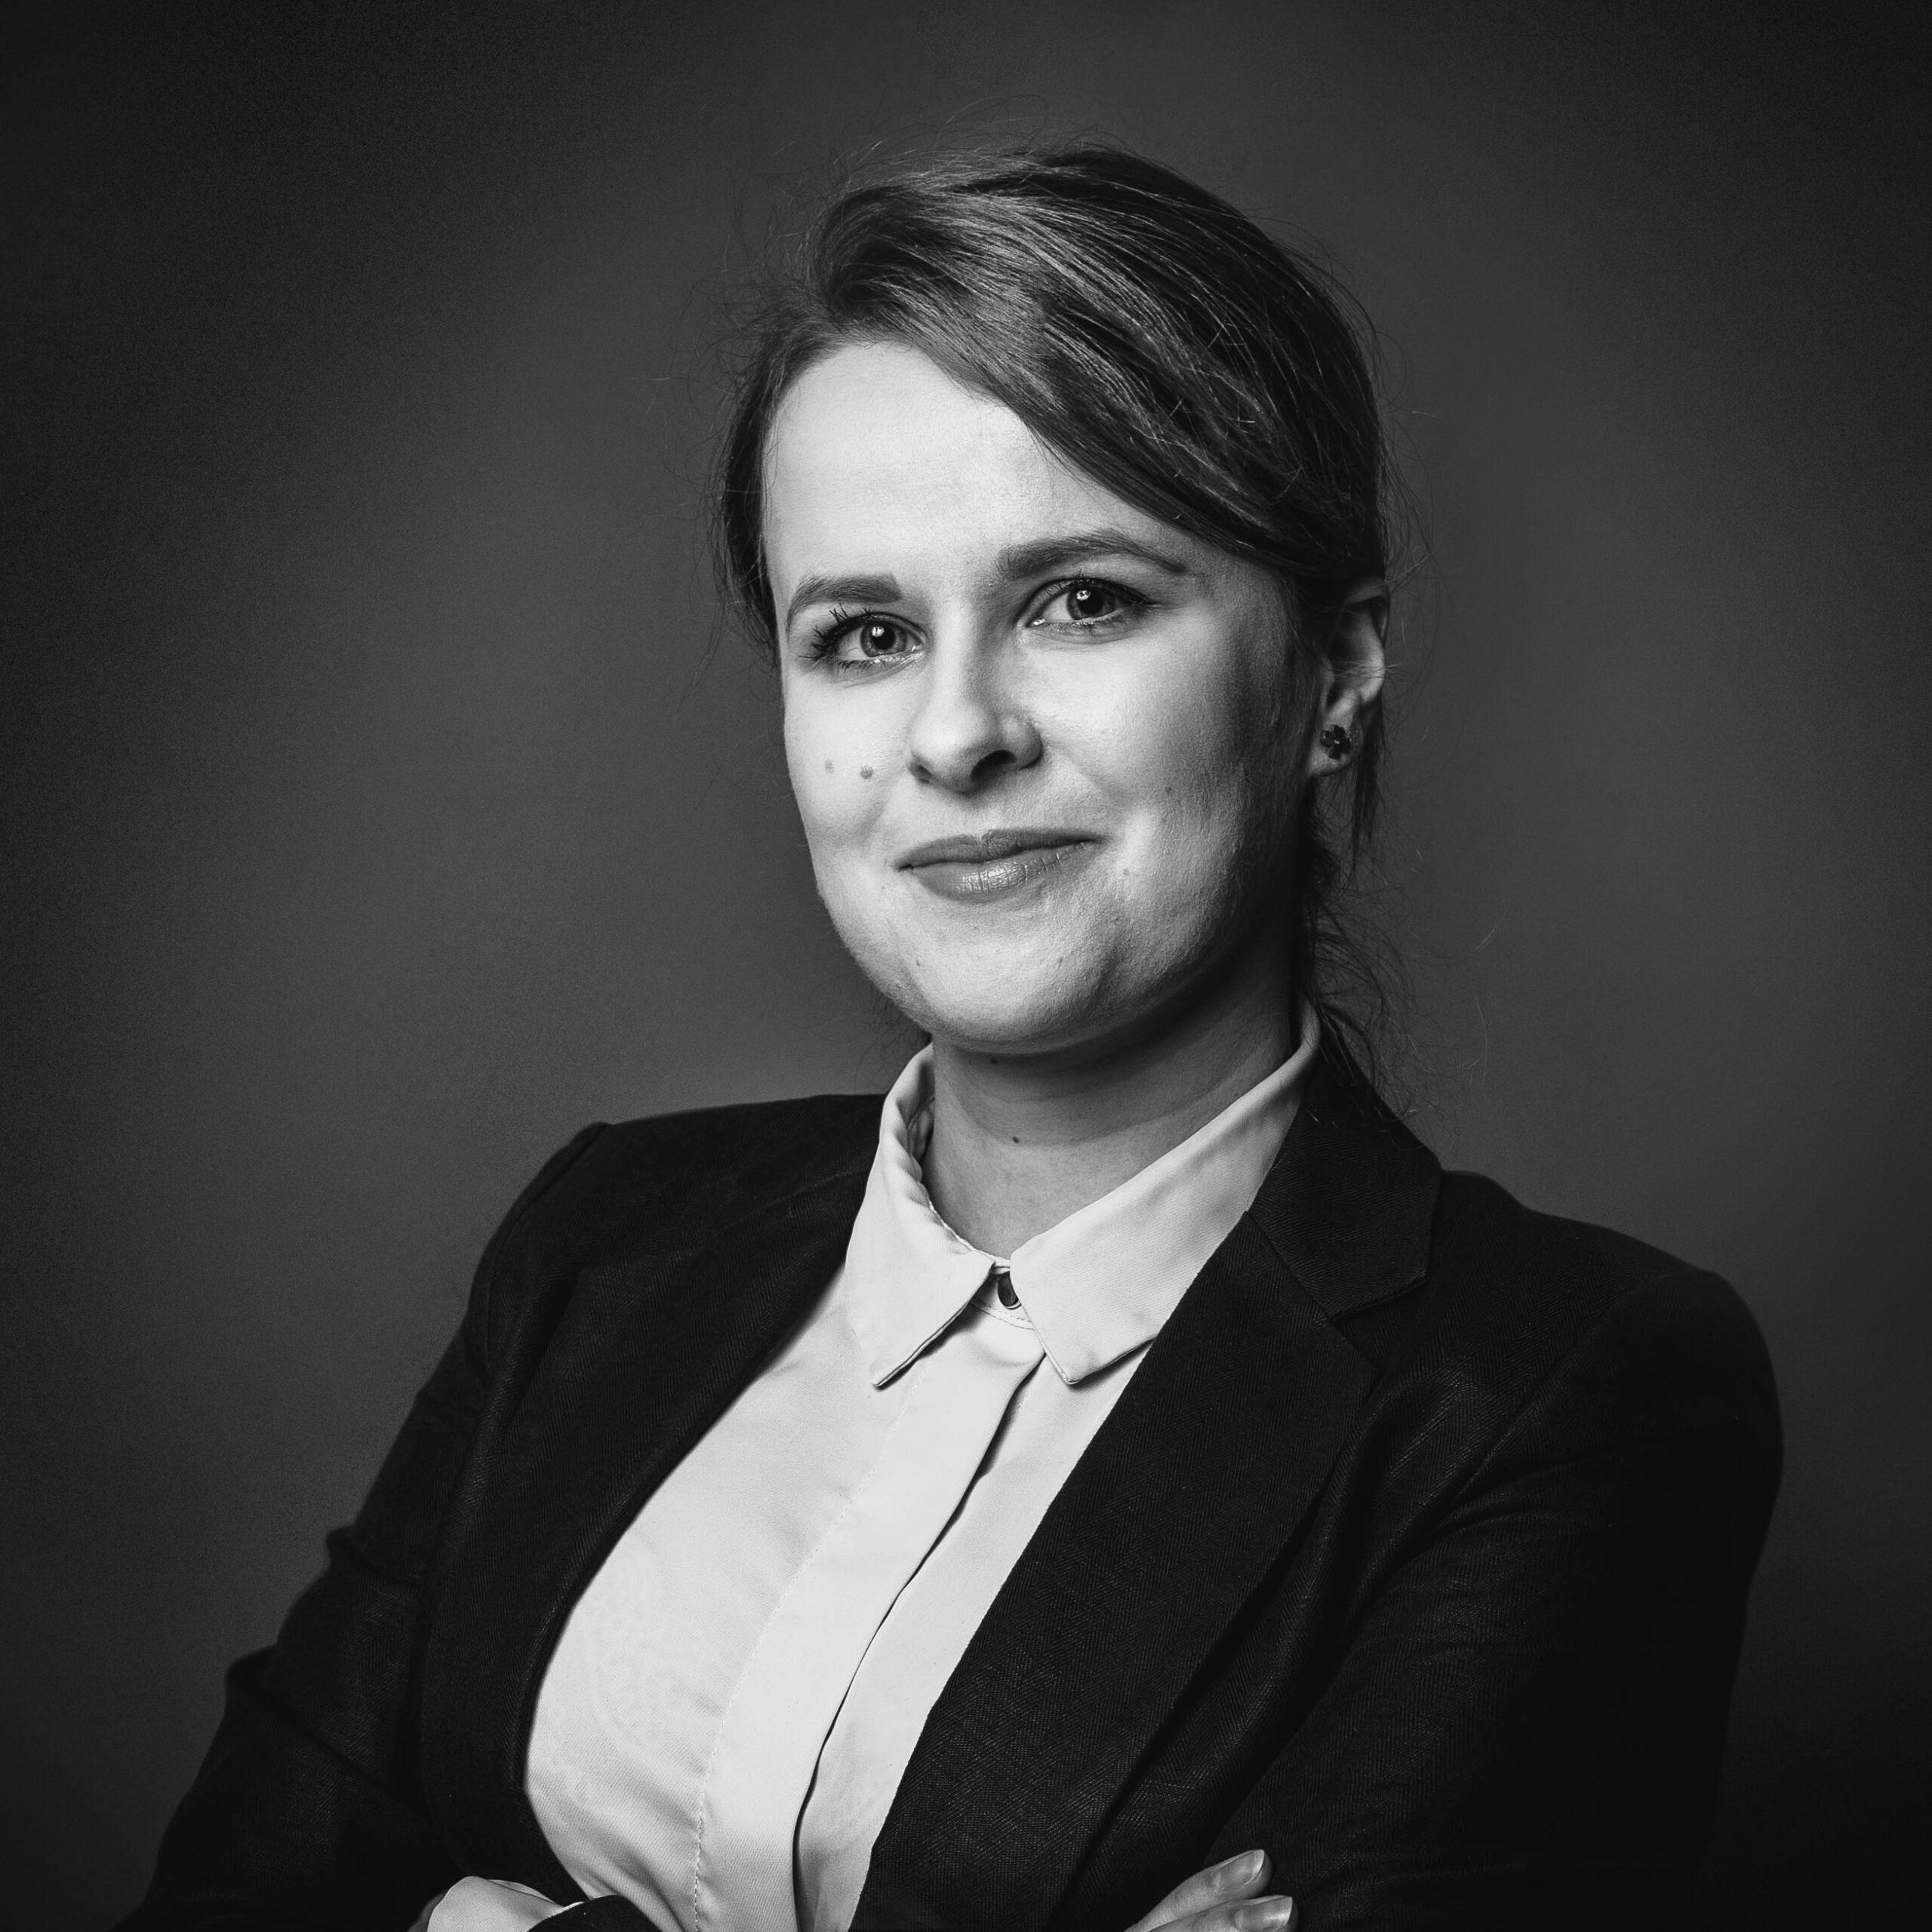 Marta Saboczyńska